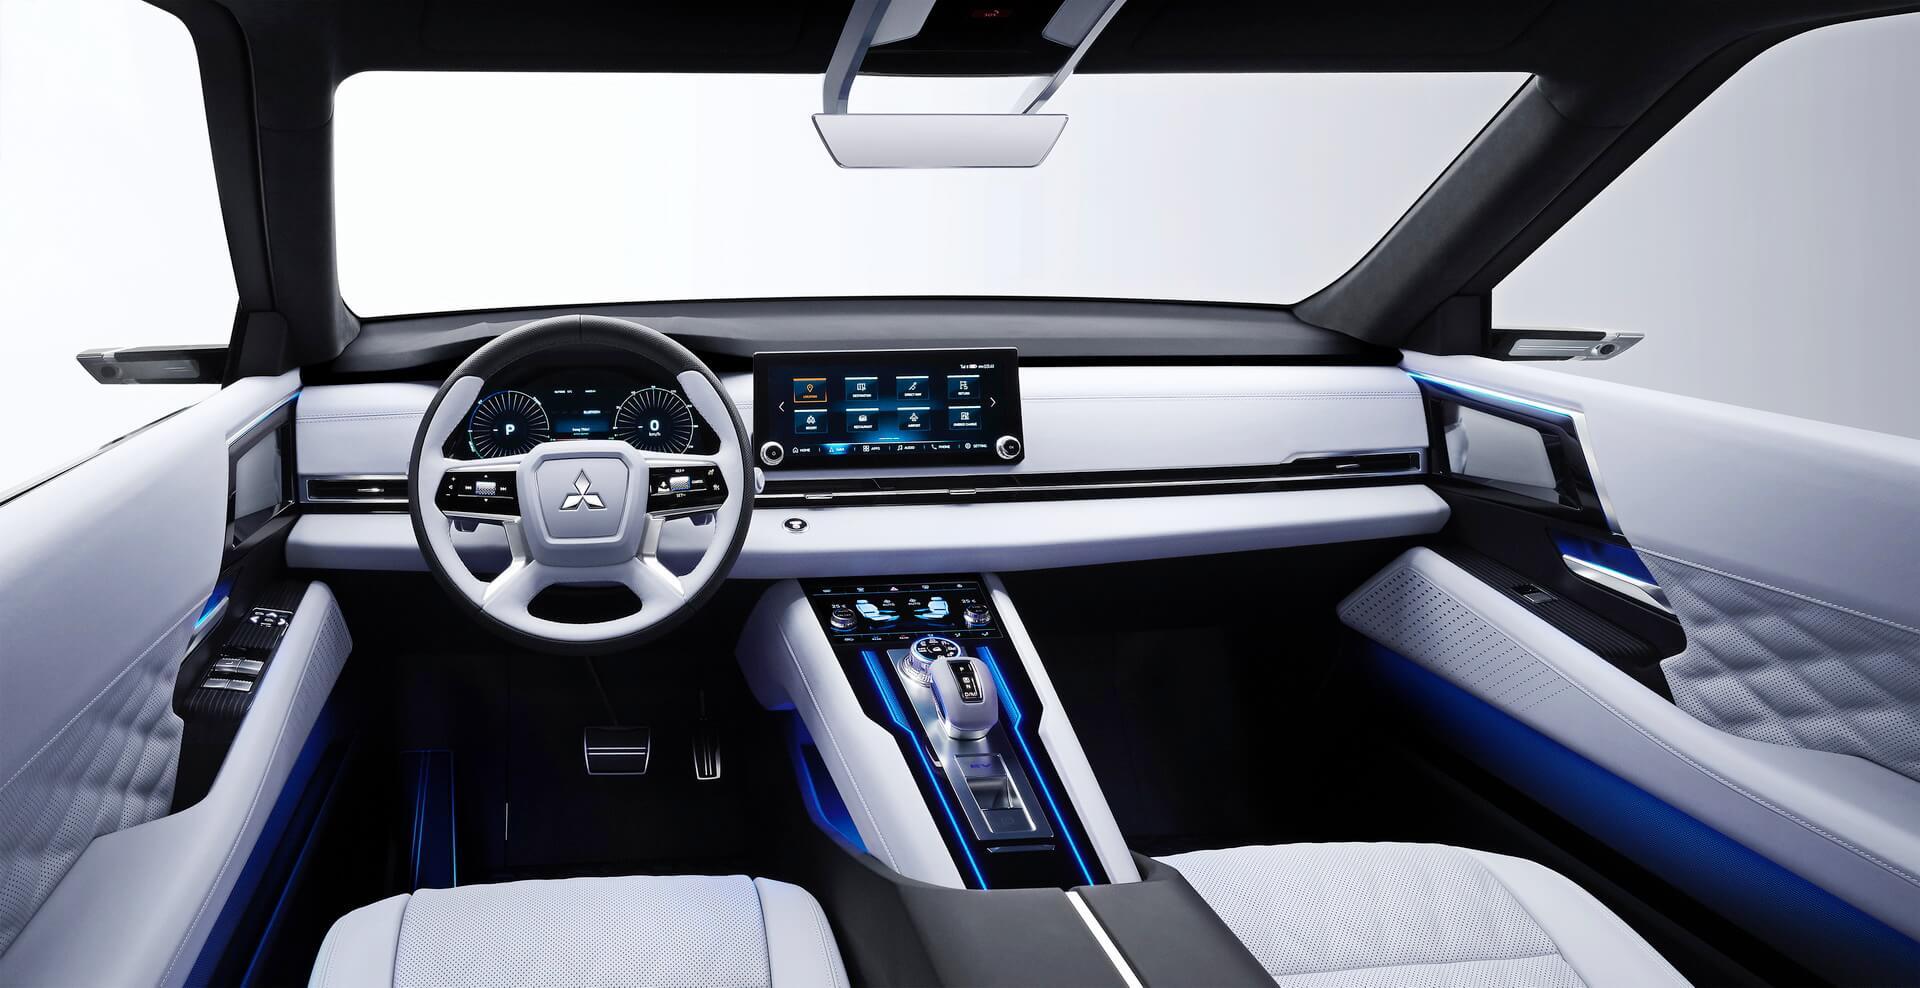 Интерьер плагин-гибрида Mitsubishi Engelberg Tourer